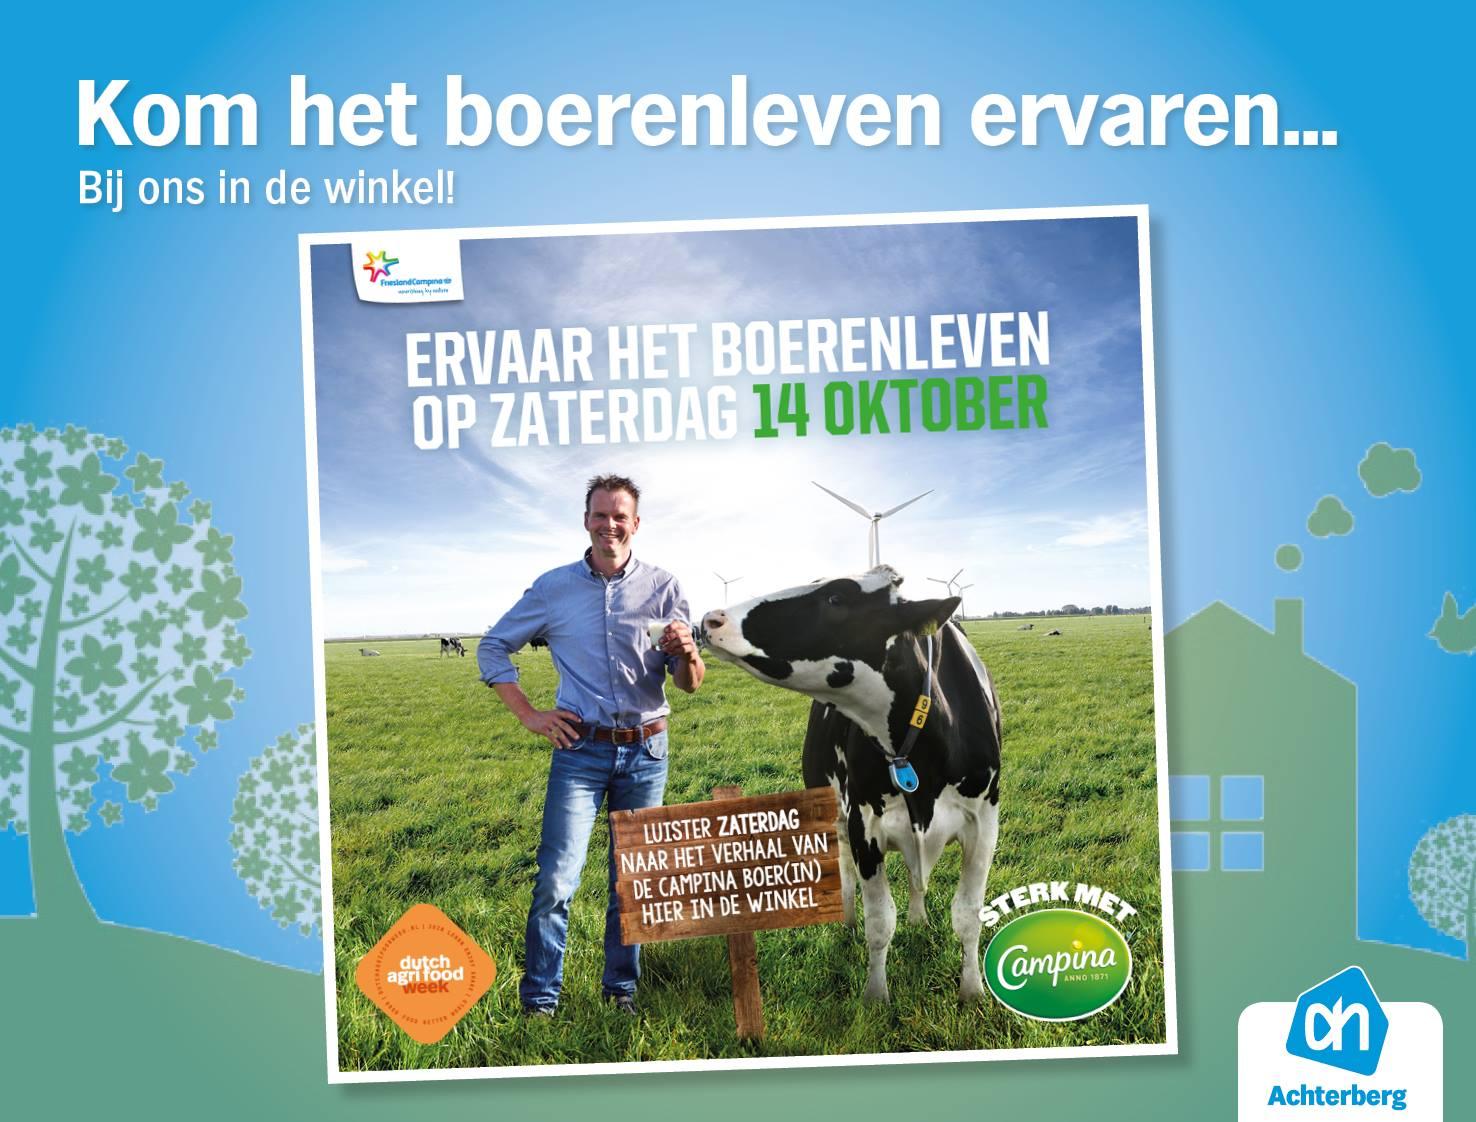 Kom het boerenleven ervaren bij ons in de winkel!